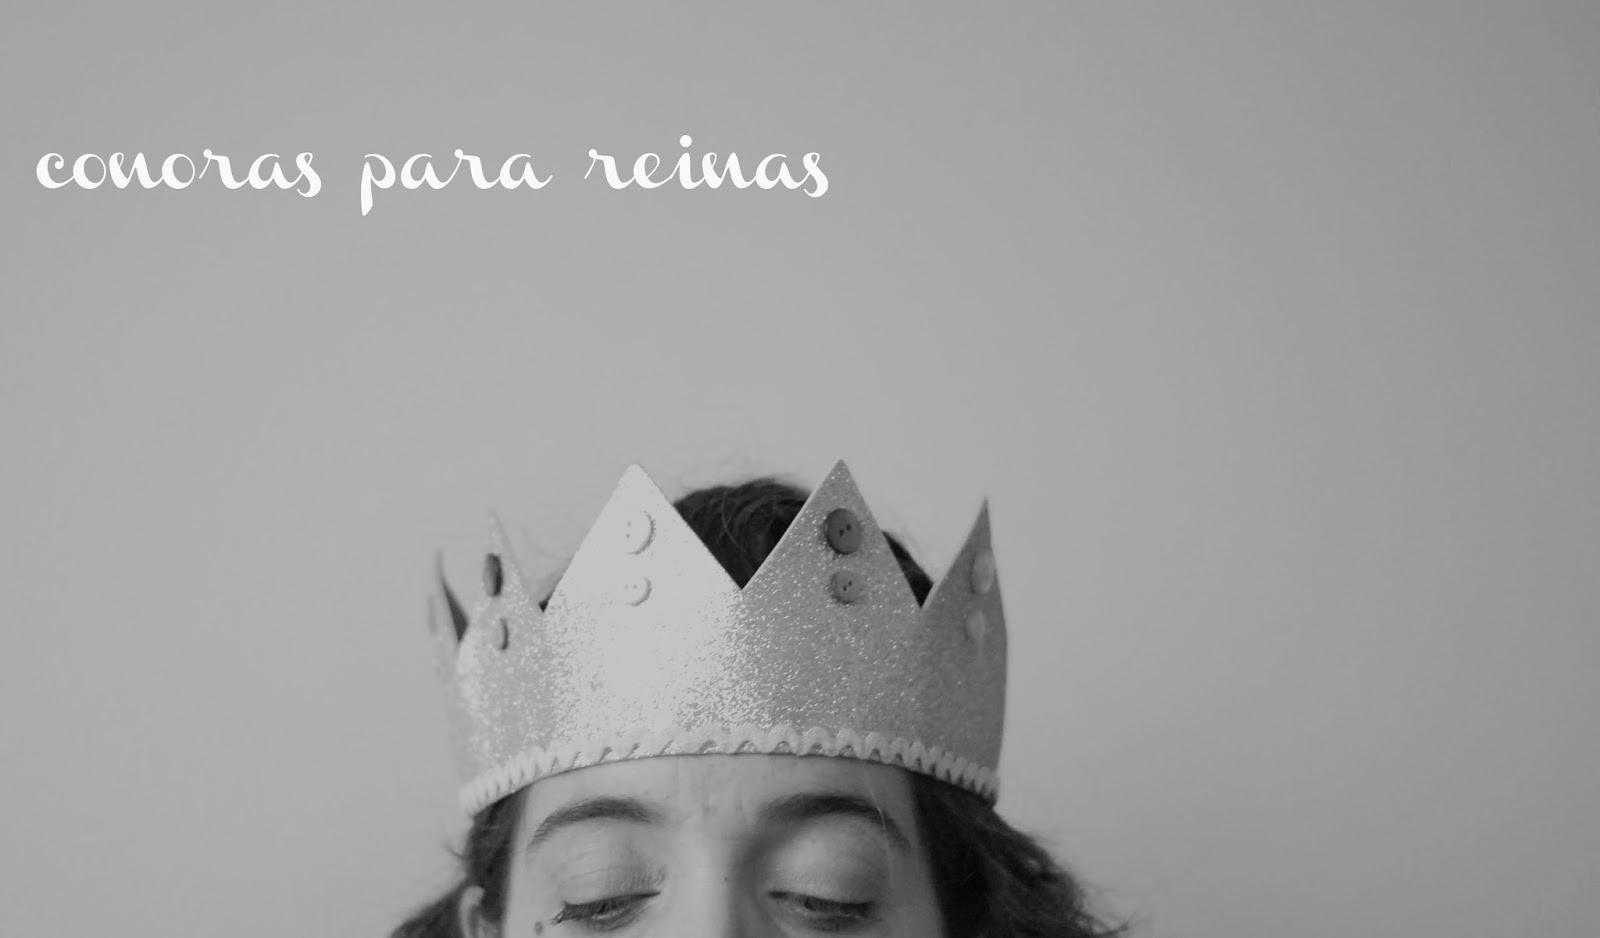 manualidades_ninos_coronas